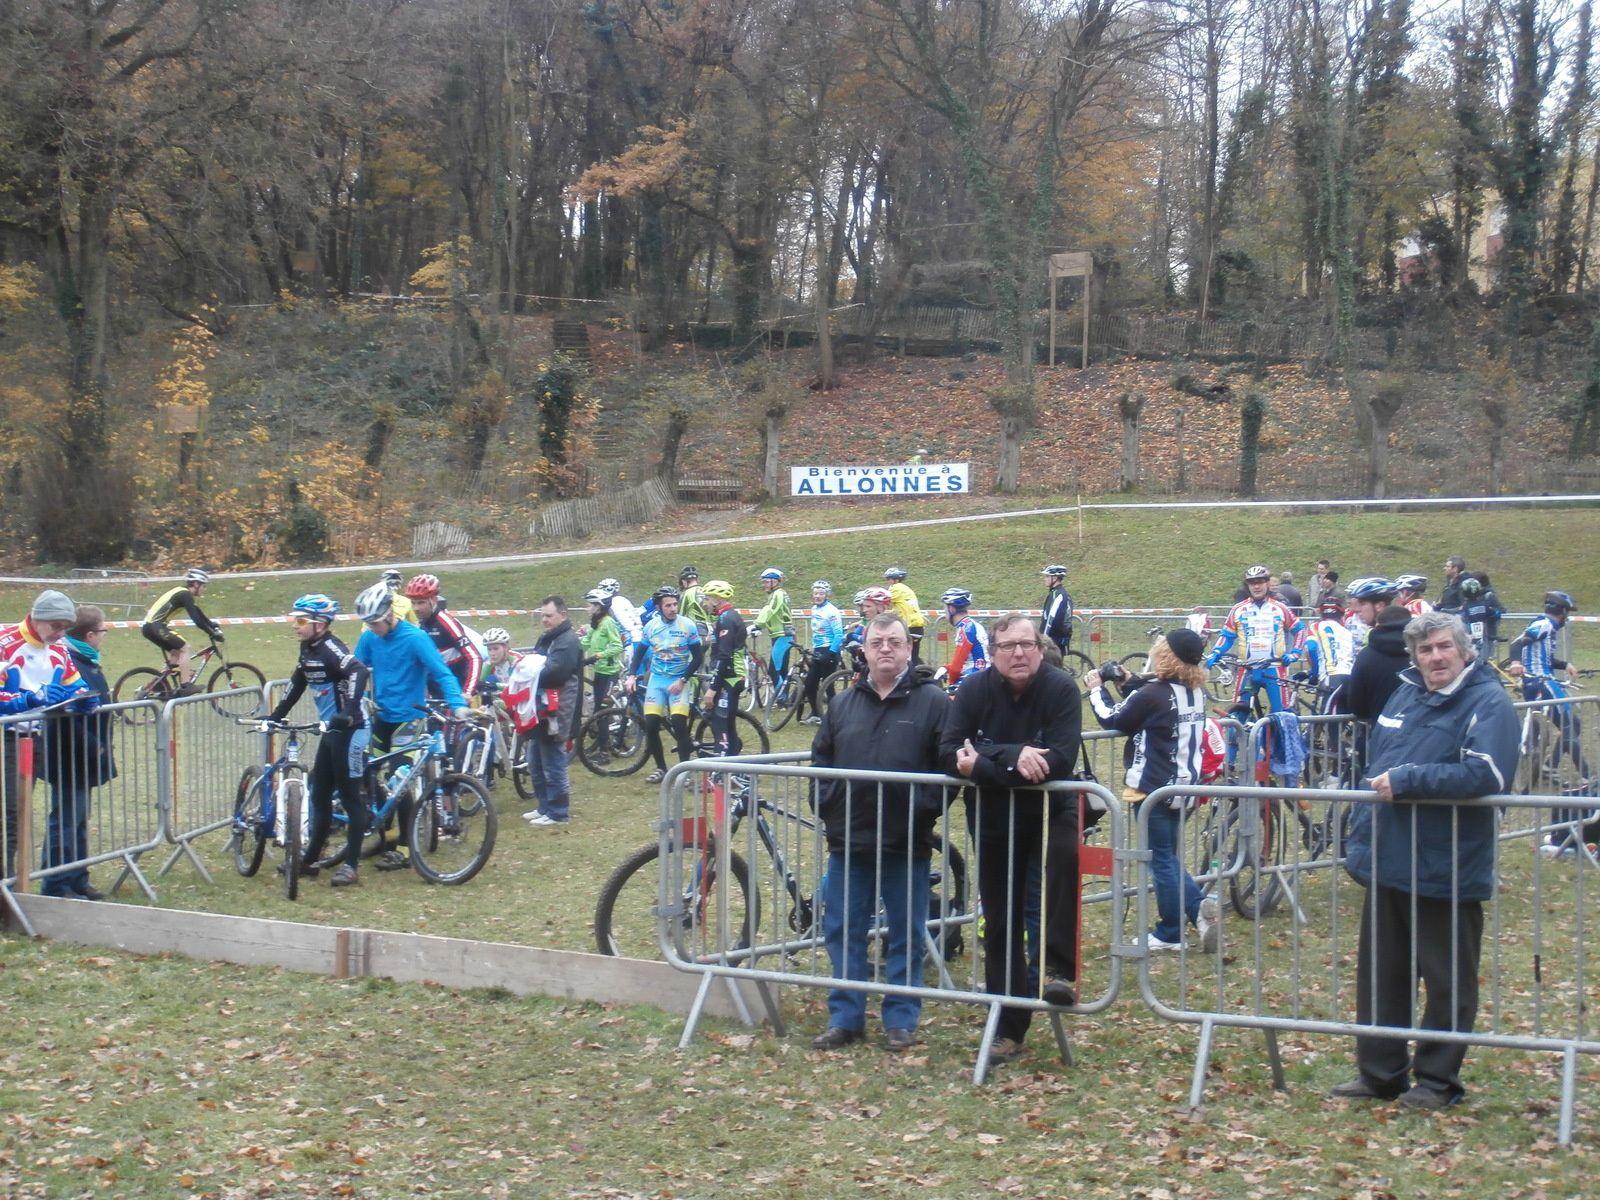 Le parc fermé où se passent les relais du DUO VTT.